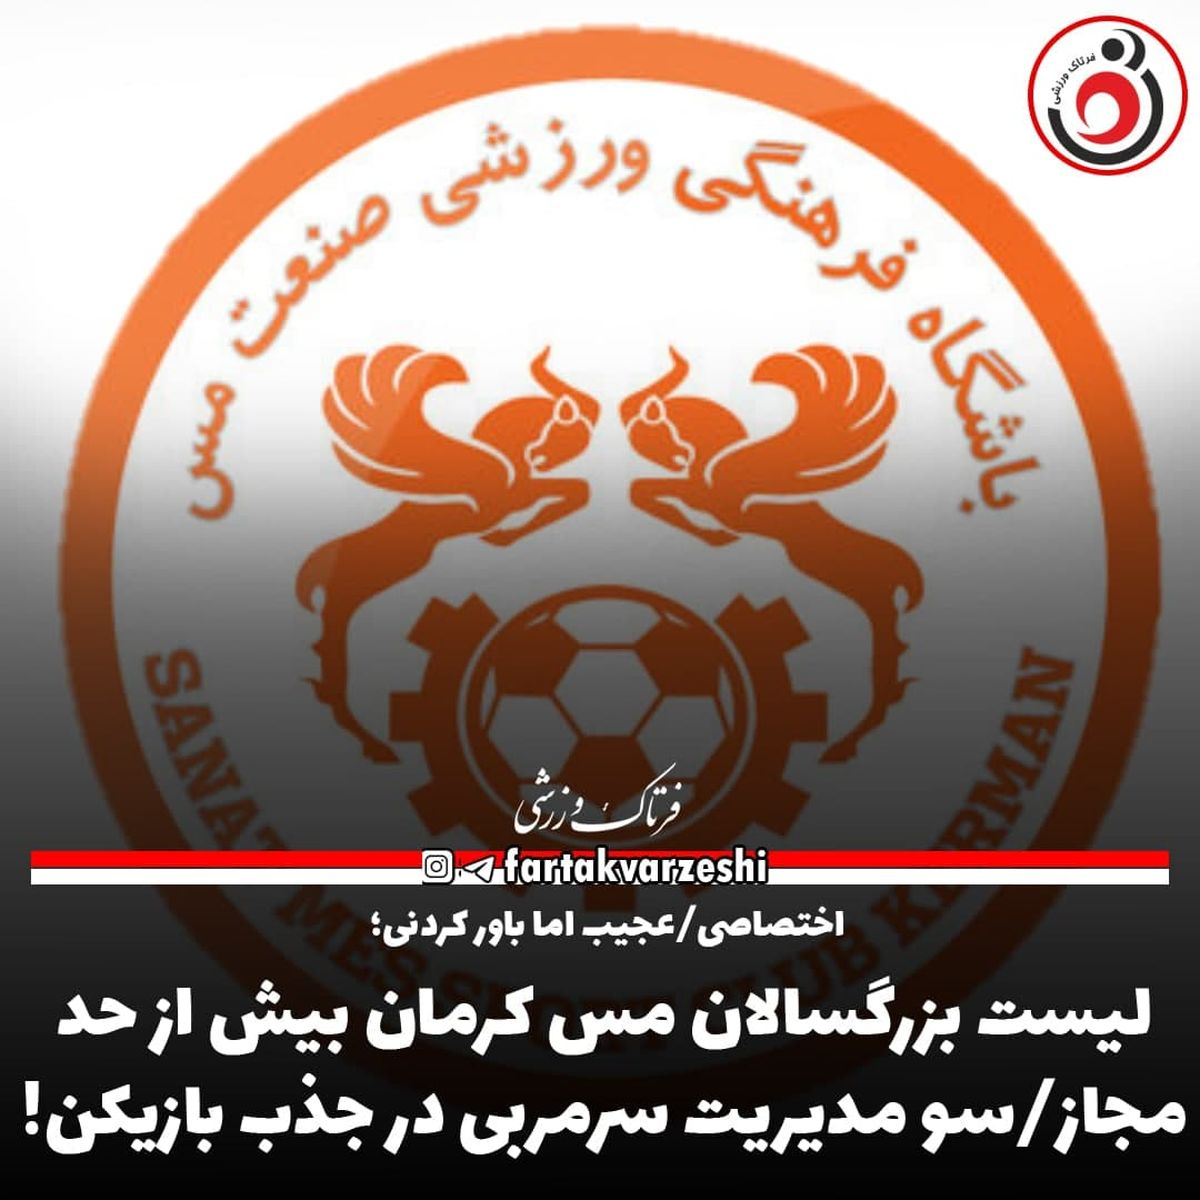 لیست بزرگسالان مس کرمان بیش از حد مجاز/سو مدیریت سرمربی در جذب بازیکن!